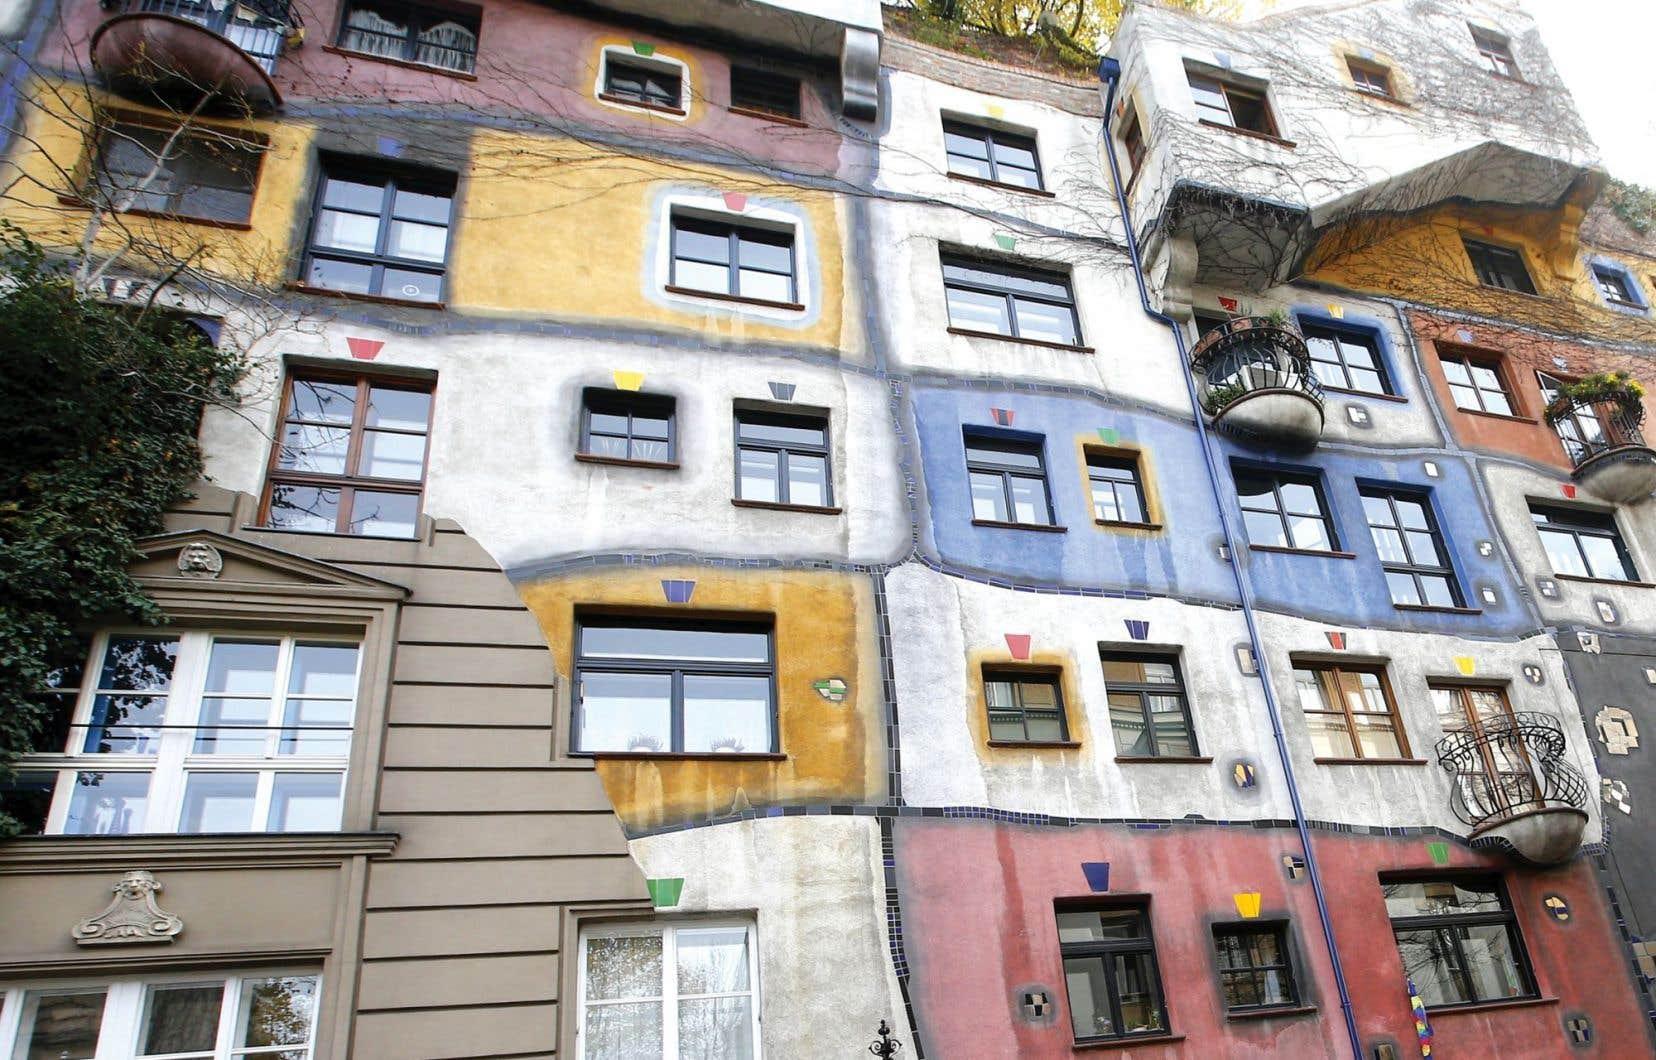 Le musée Hundertwasserhaus, à Vienne, abrite une partie des œuvres de l'artiste Friedrich Hundertwasserhaus.